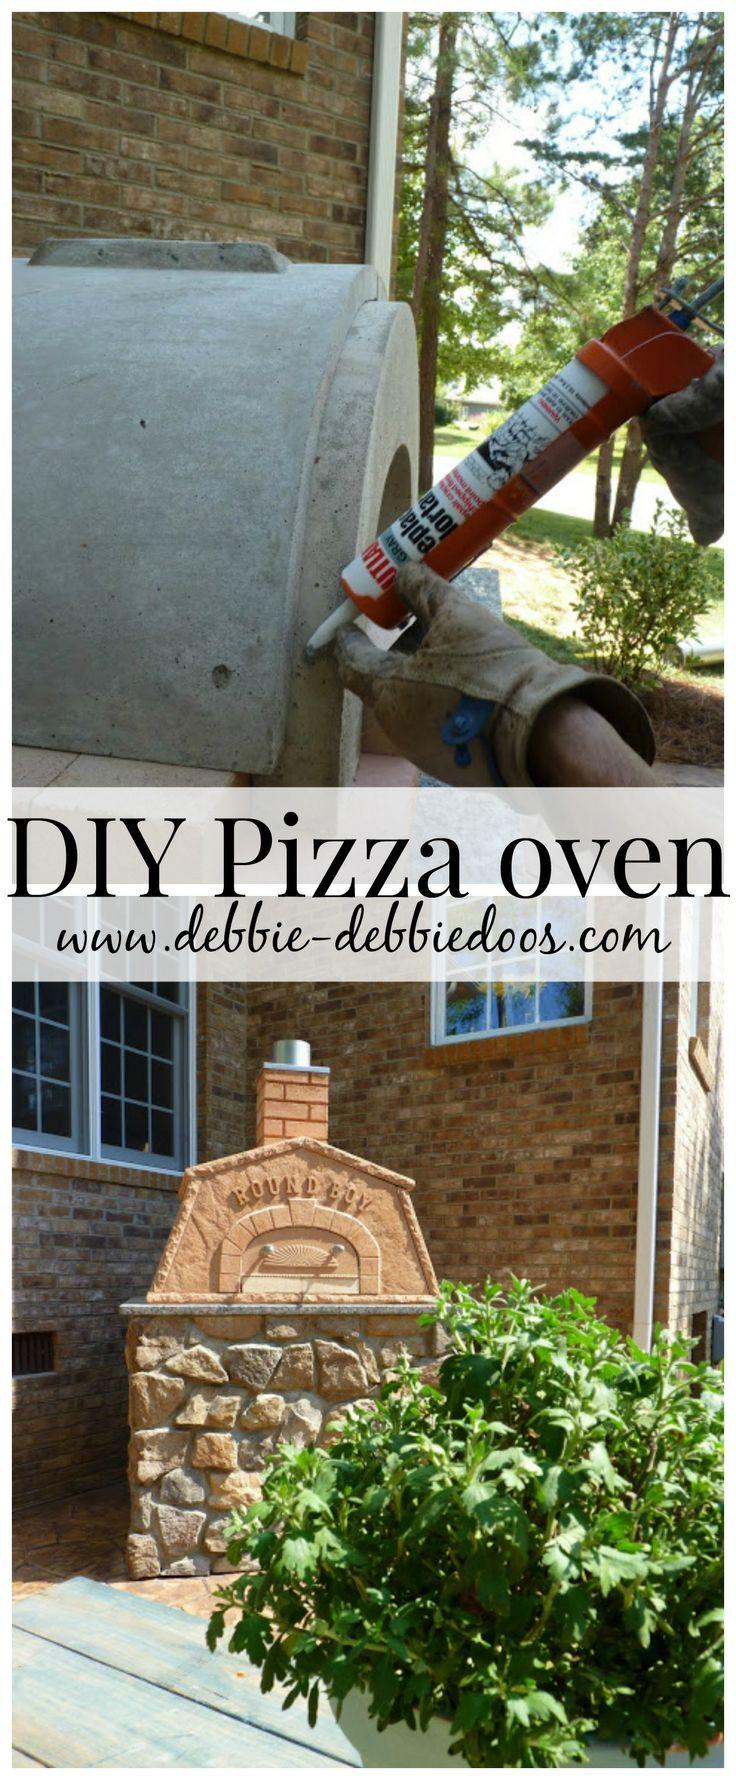 diy outdoor pizza oven debbiedoo s pizza and